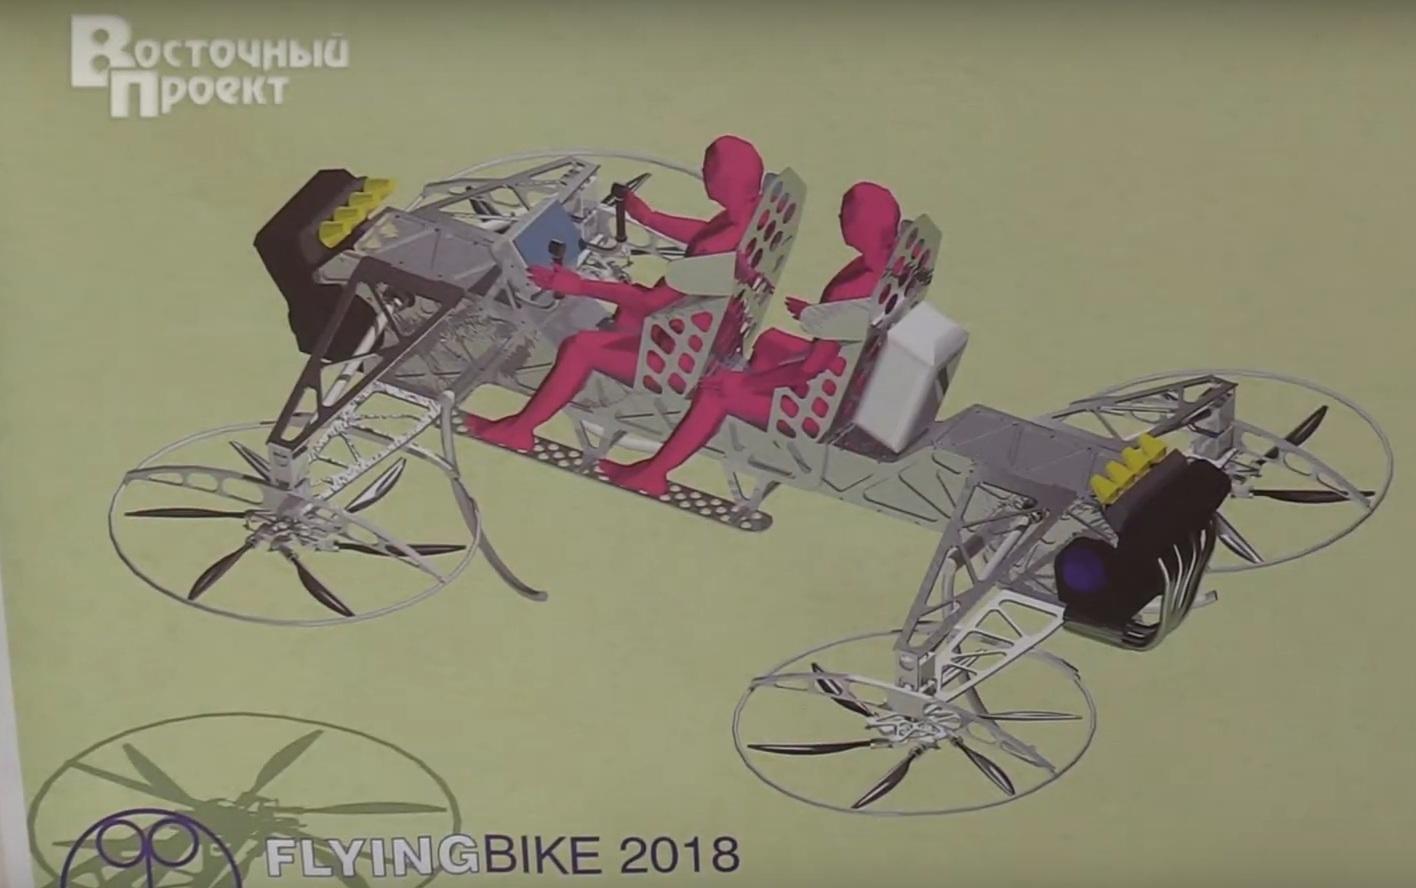 Украинцы создают невероятный летающий мотоцикл